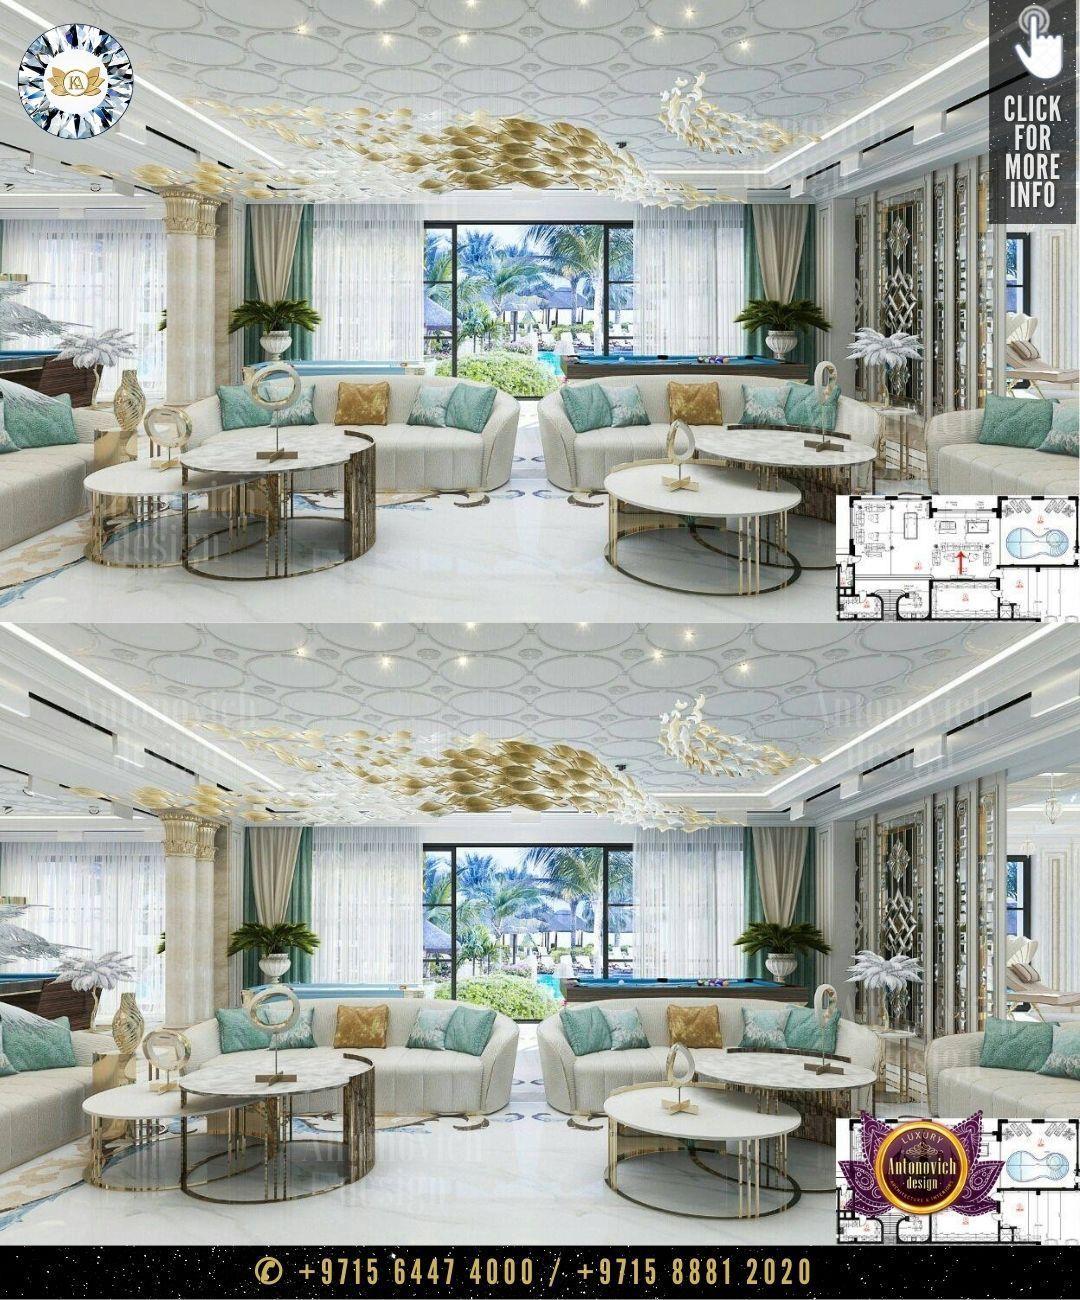 Beautiful Living Room In Uae Unique Living Room Design تصميم غرفة جلوس فريد Living Room Designs Luxury Living Room Design Luxury Living Room